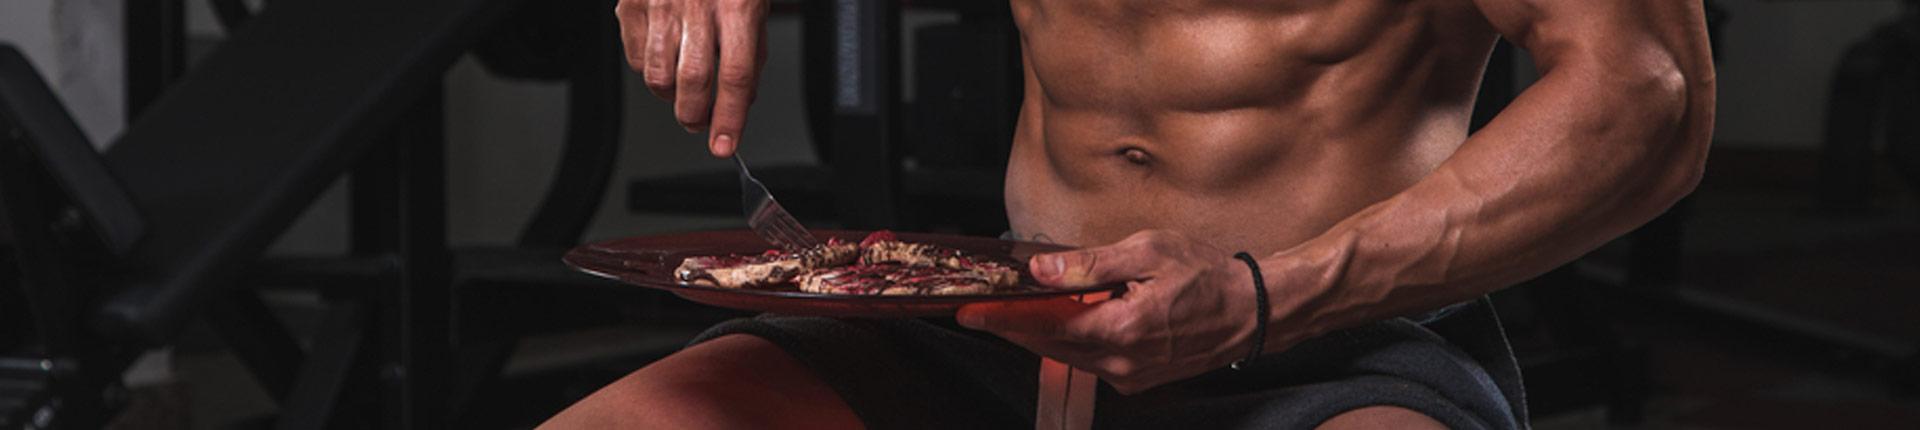 Co jeść przed i po treningu? Masa, redukcja, błędy żywieniowe!